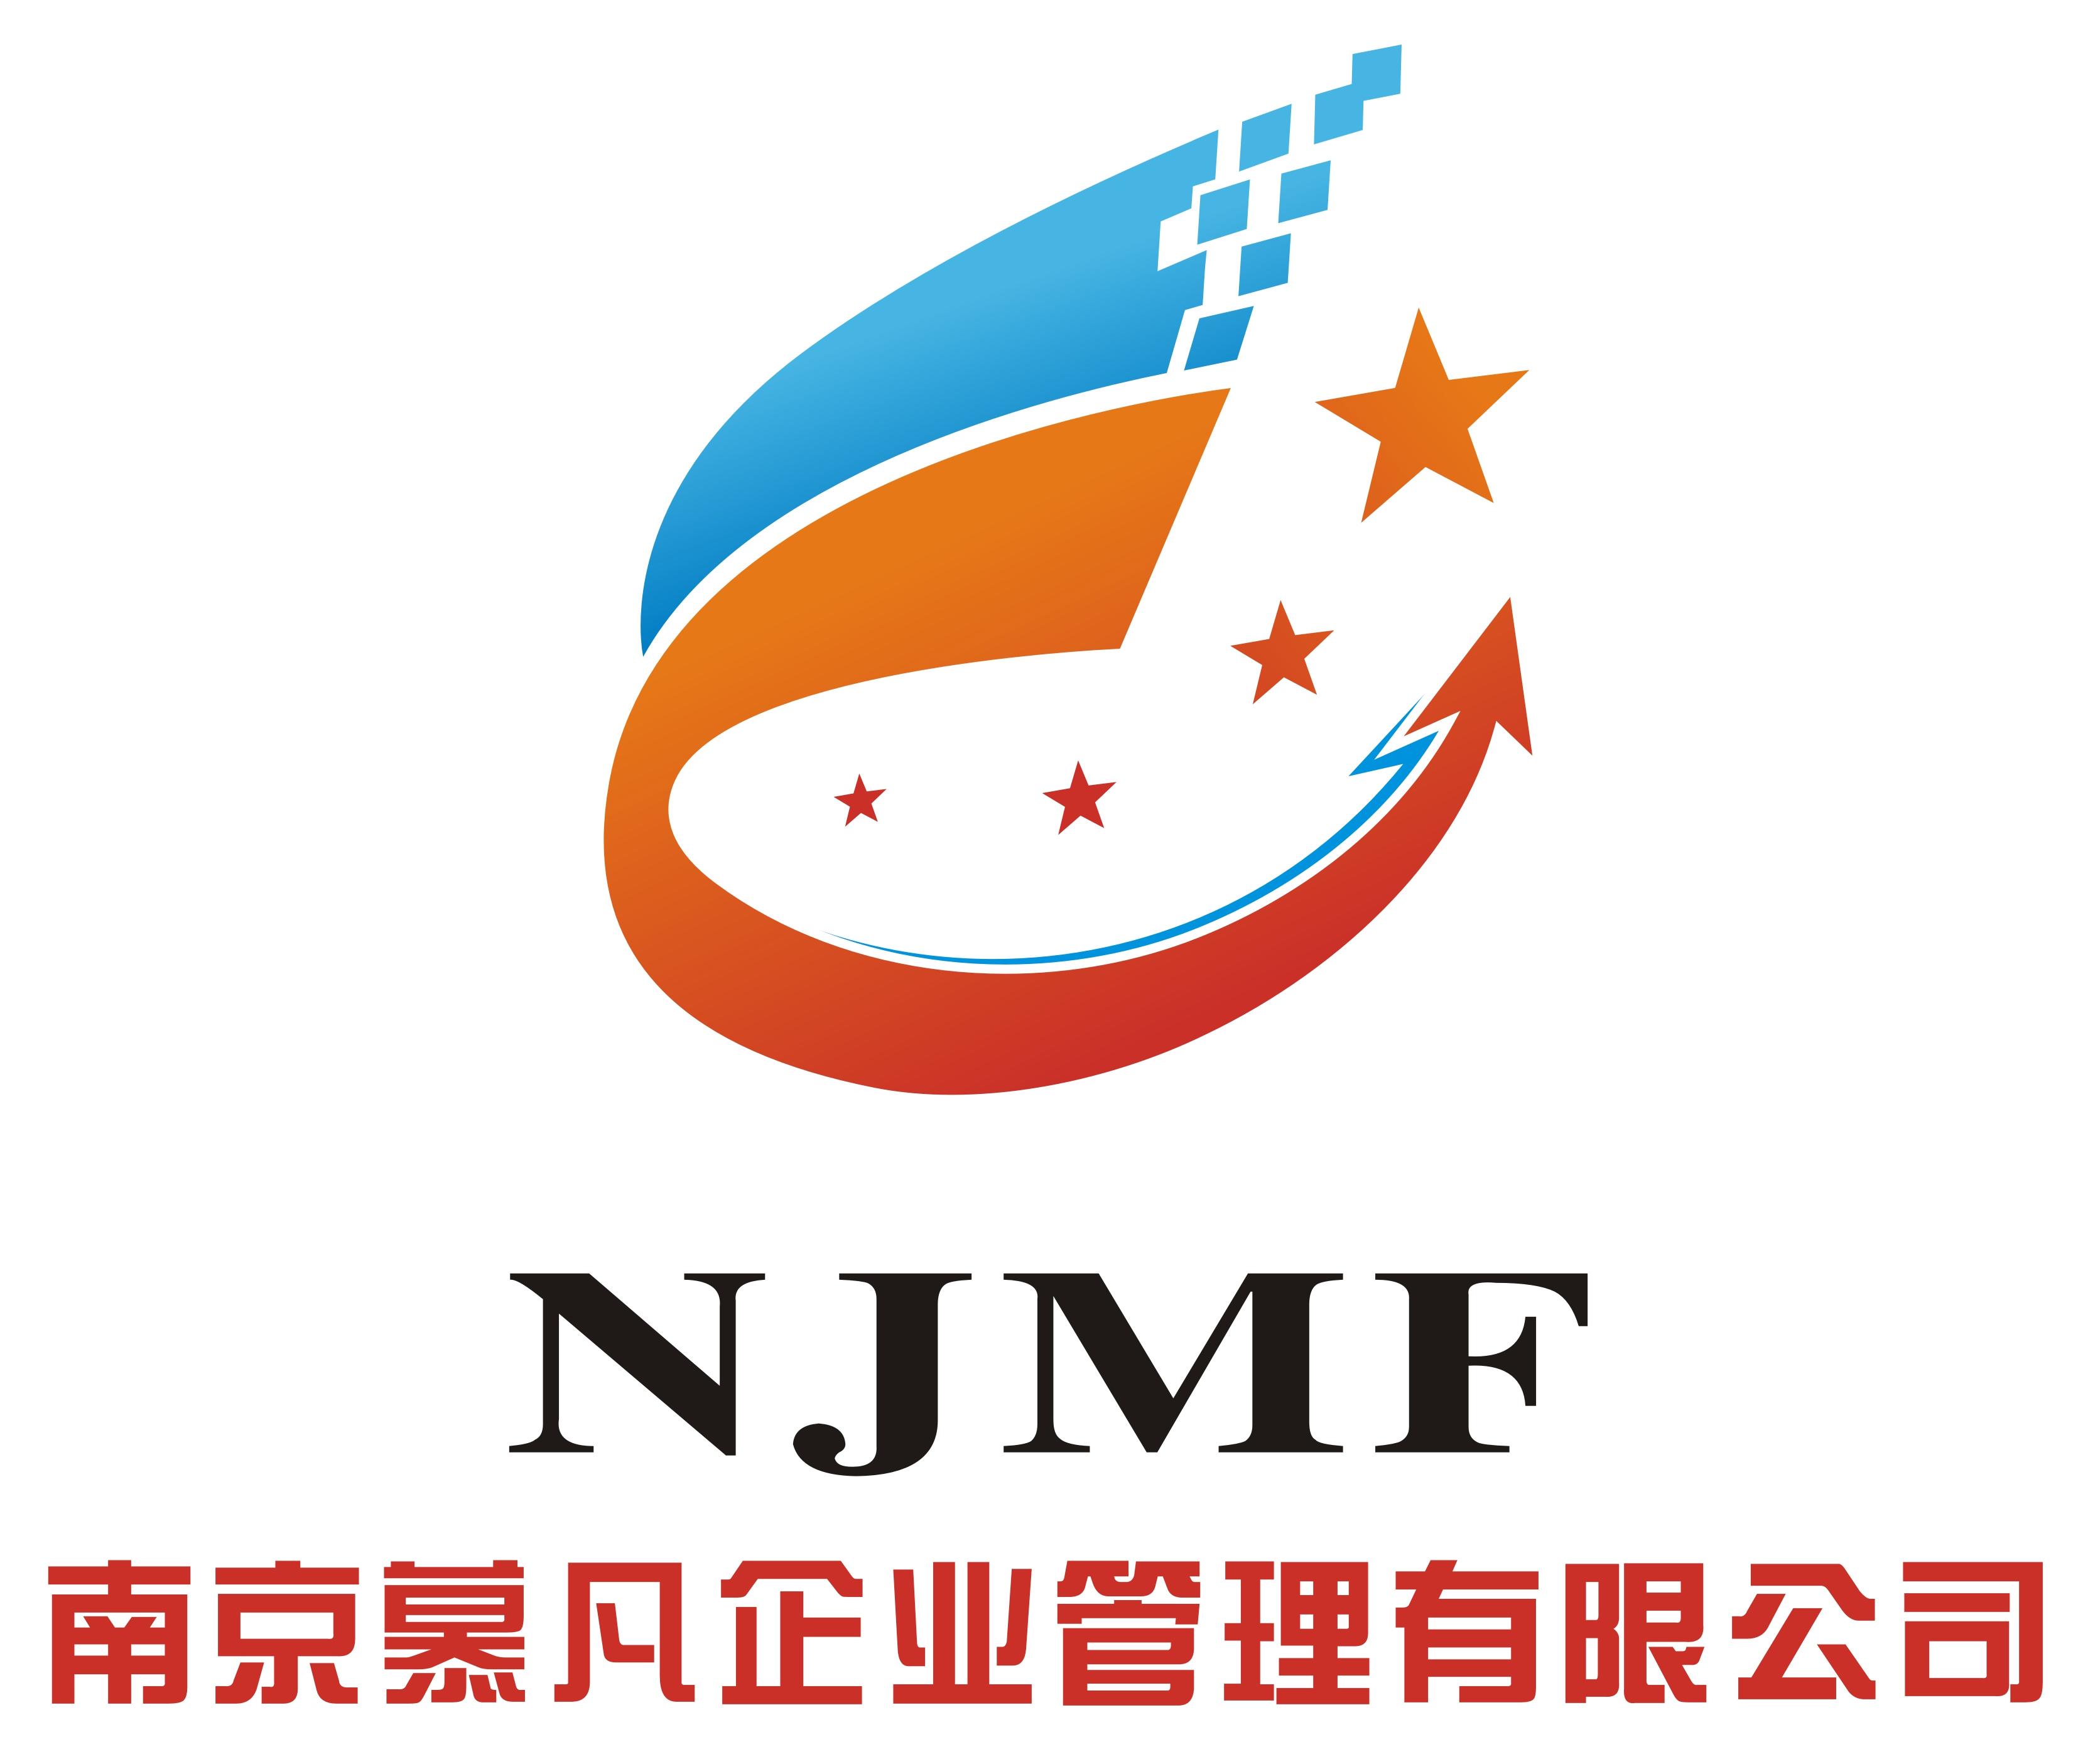 南京慕凡企业管理有限公司